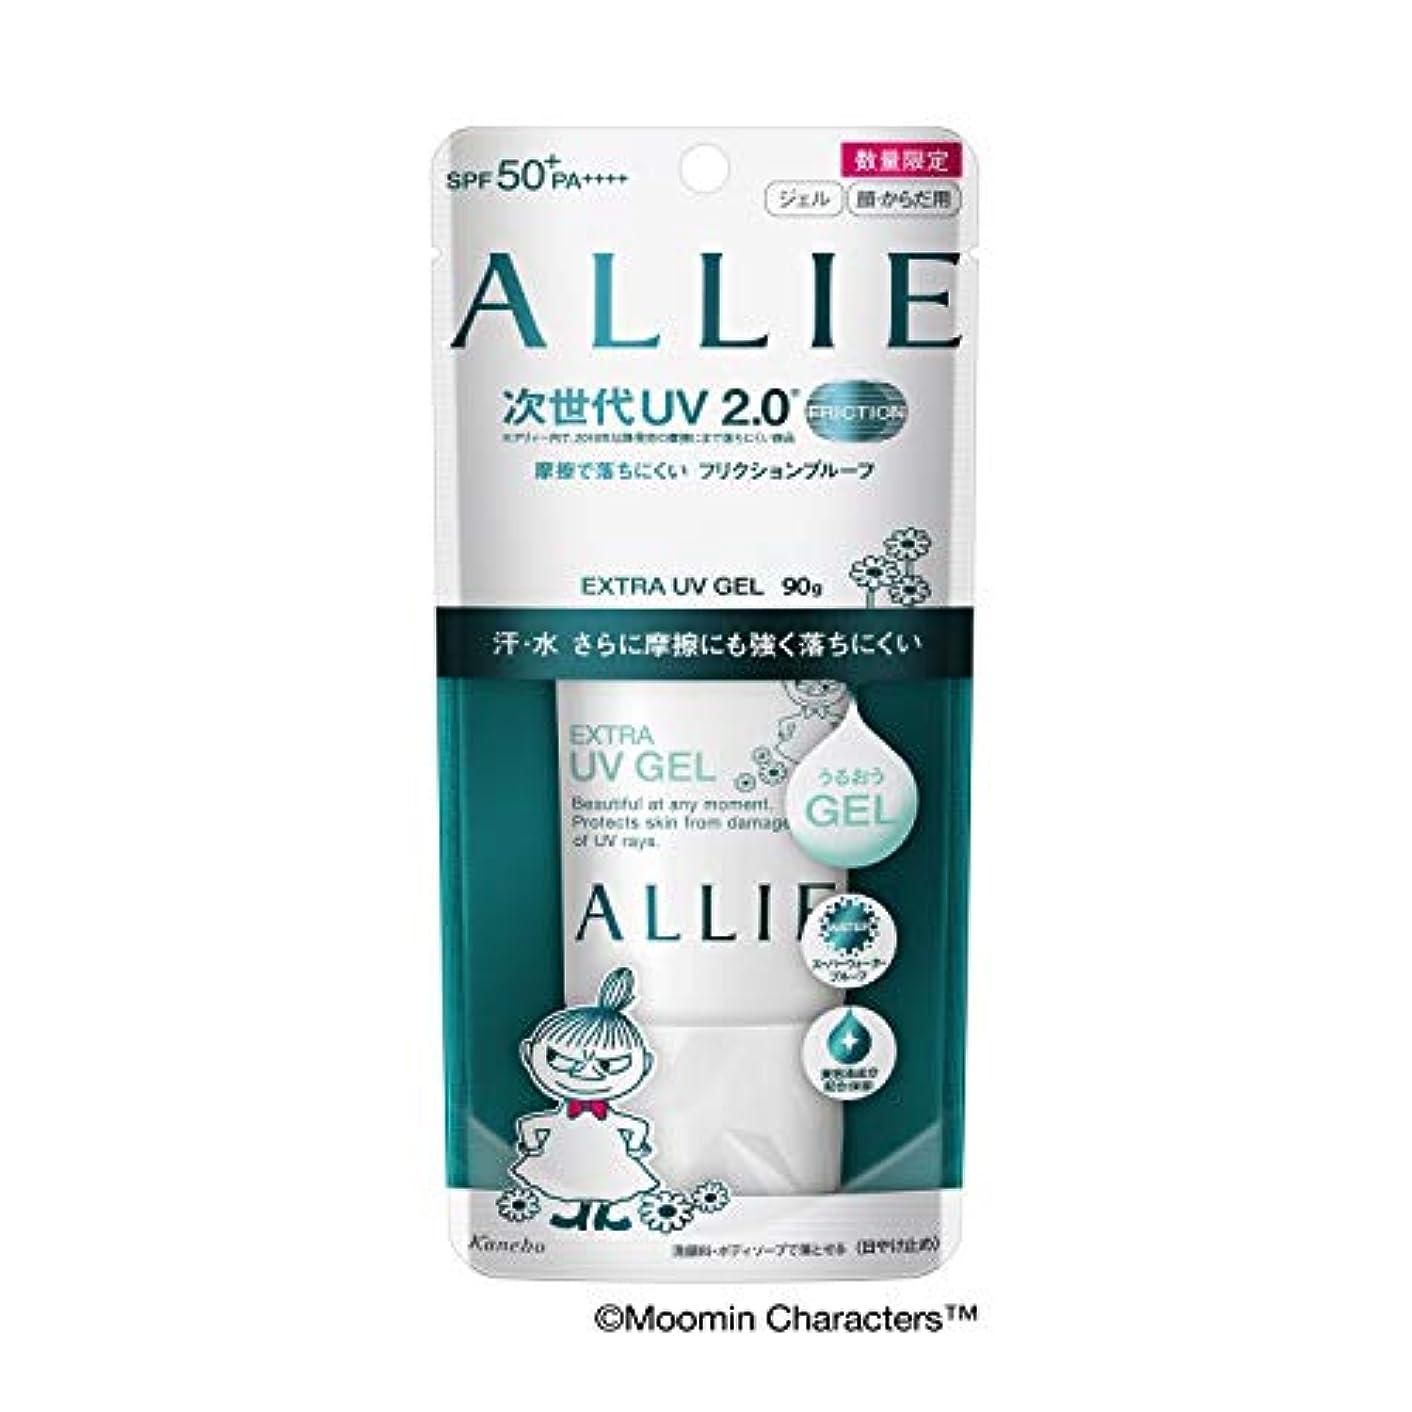 準備ができて繁雑属性ALLIE(アリィー) アリィー エクストラUV ジェル 限定パッケージ 日焼け止め 90g